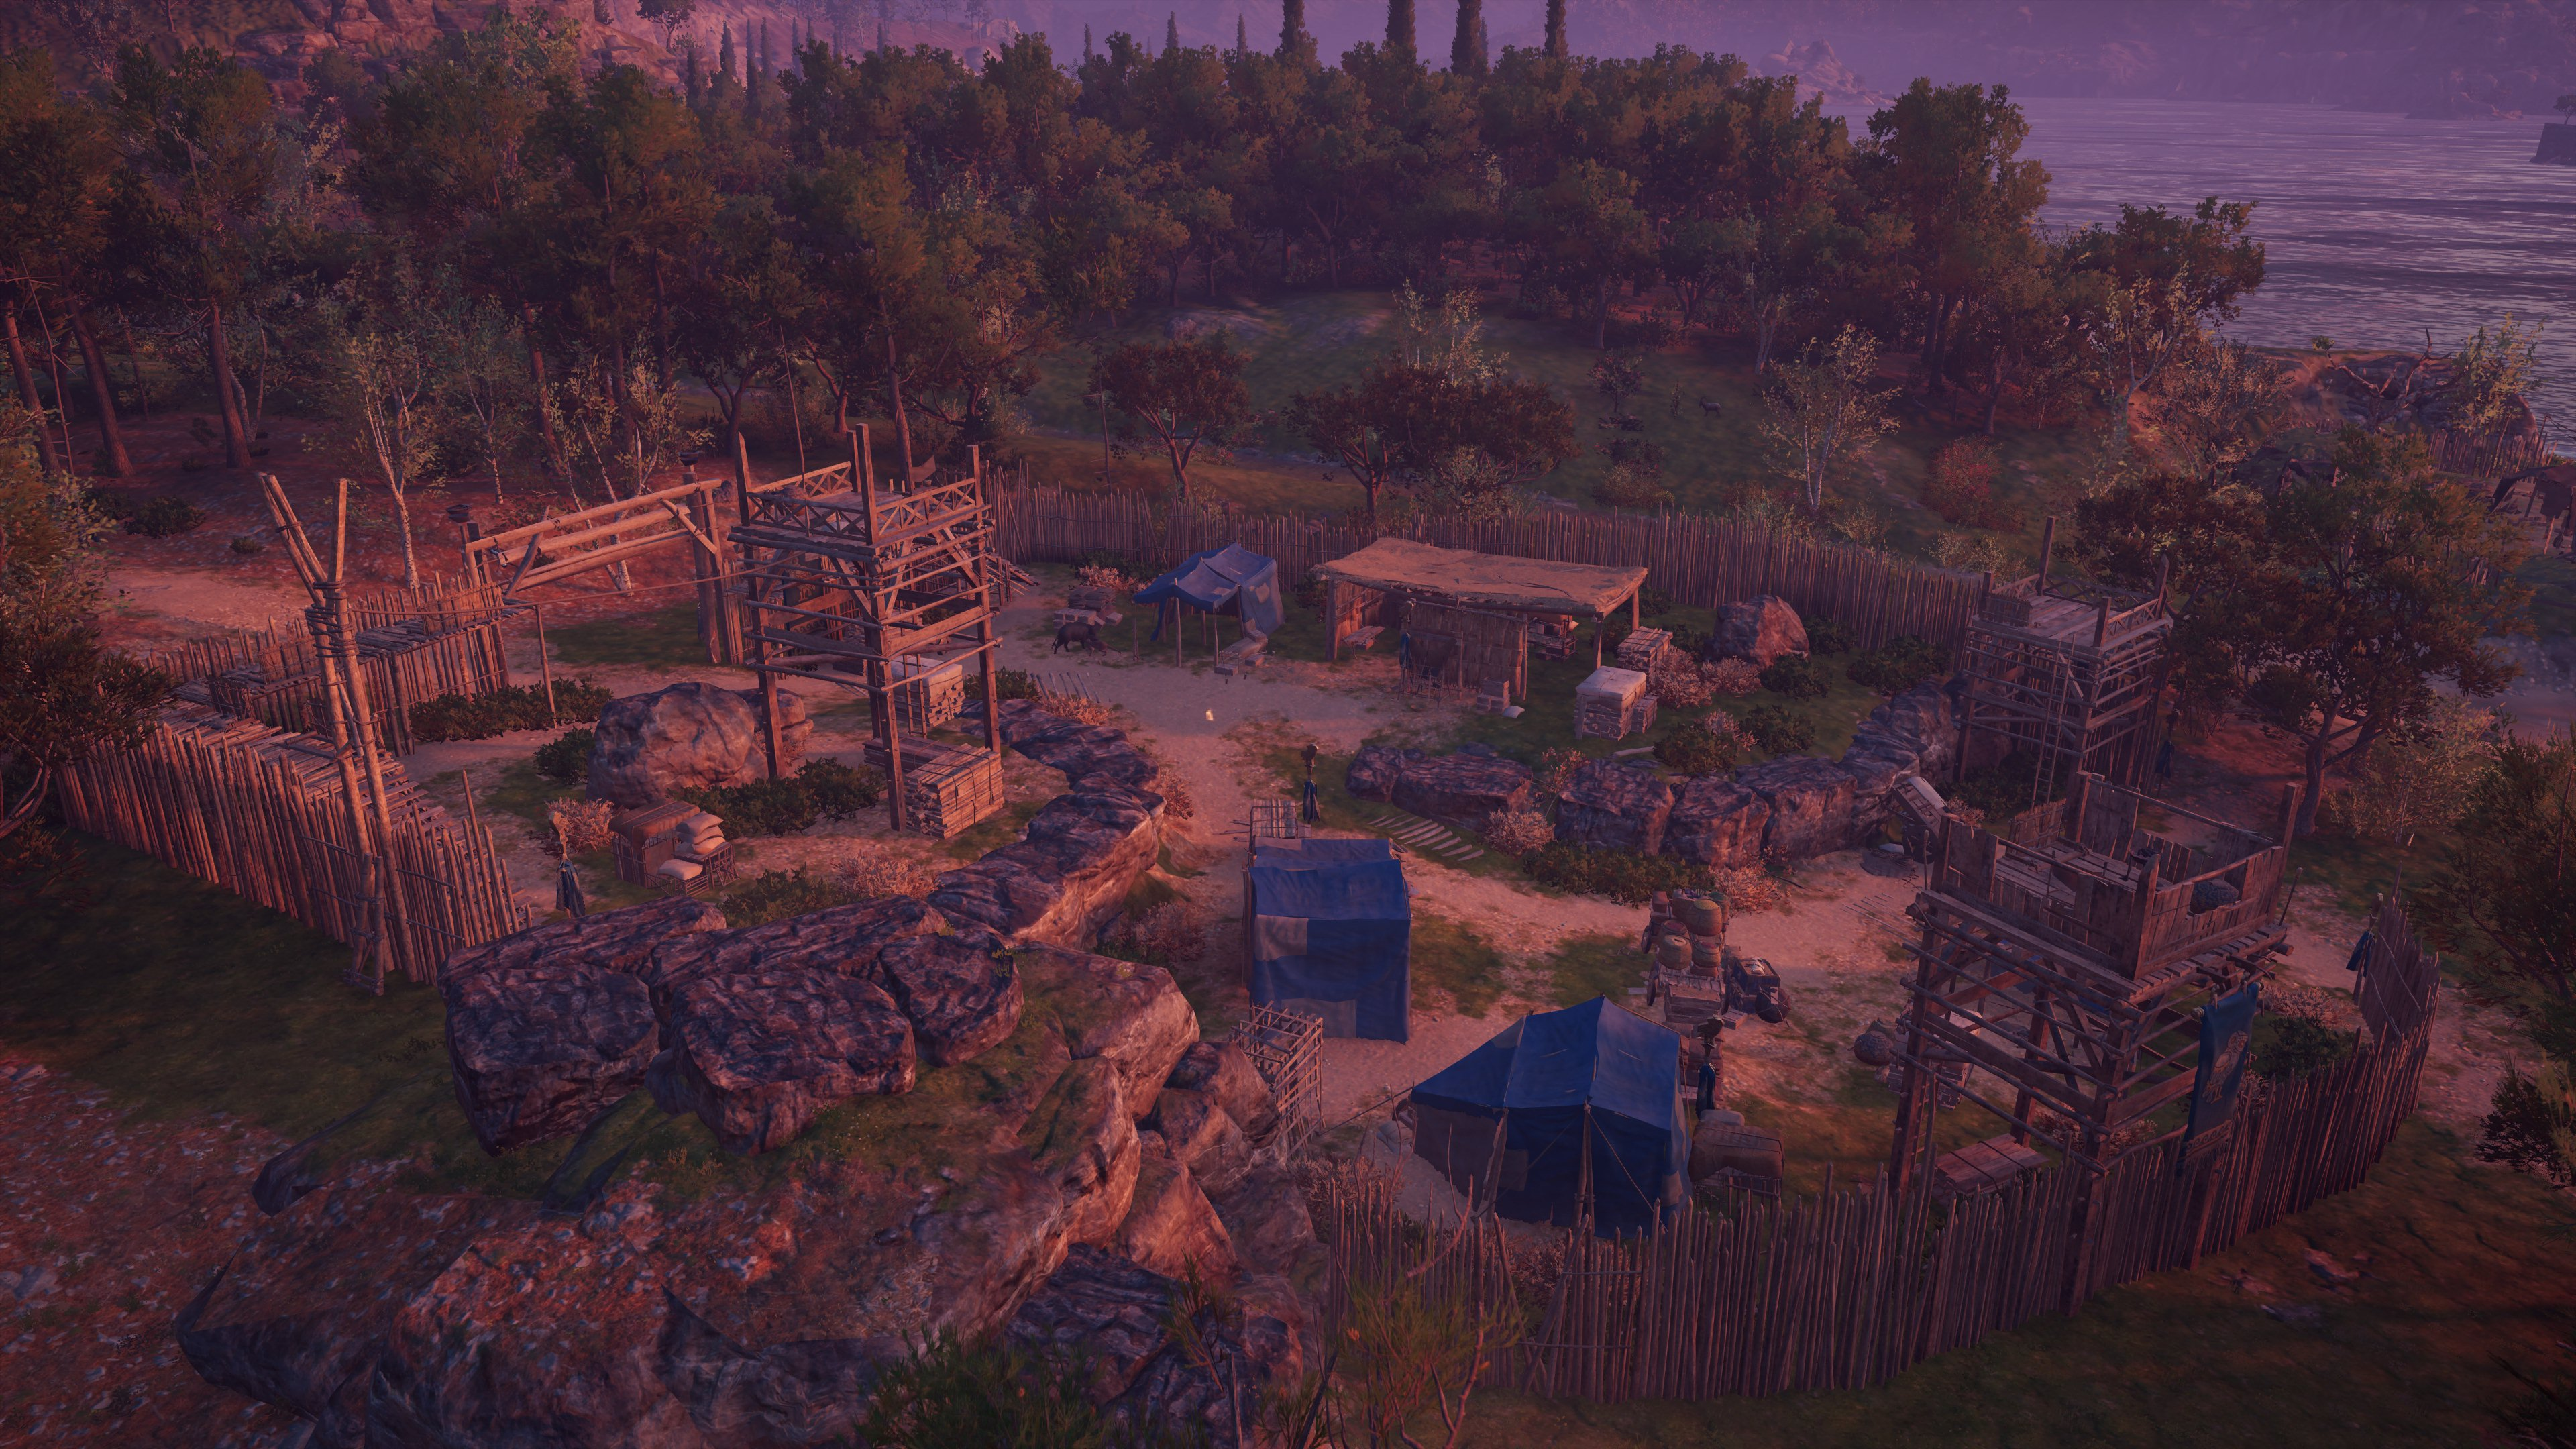 Kypselos Camp